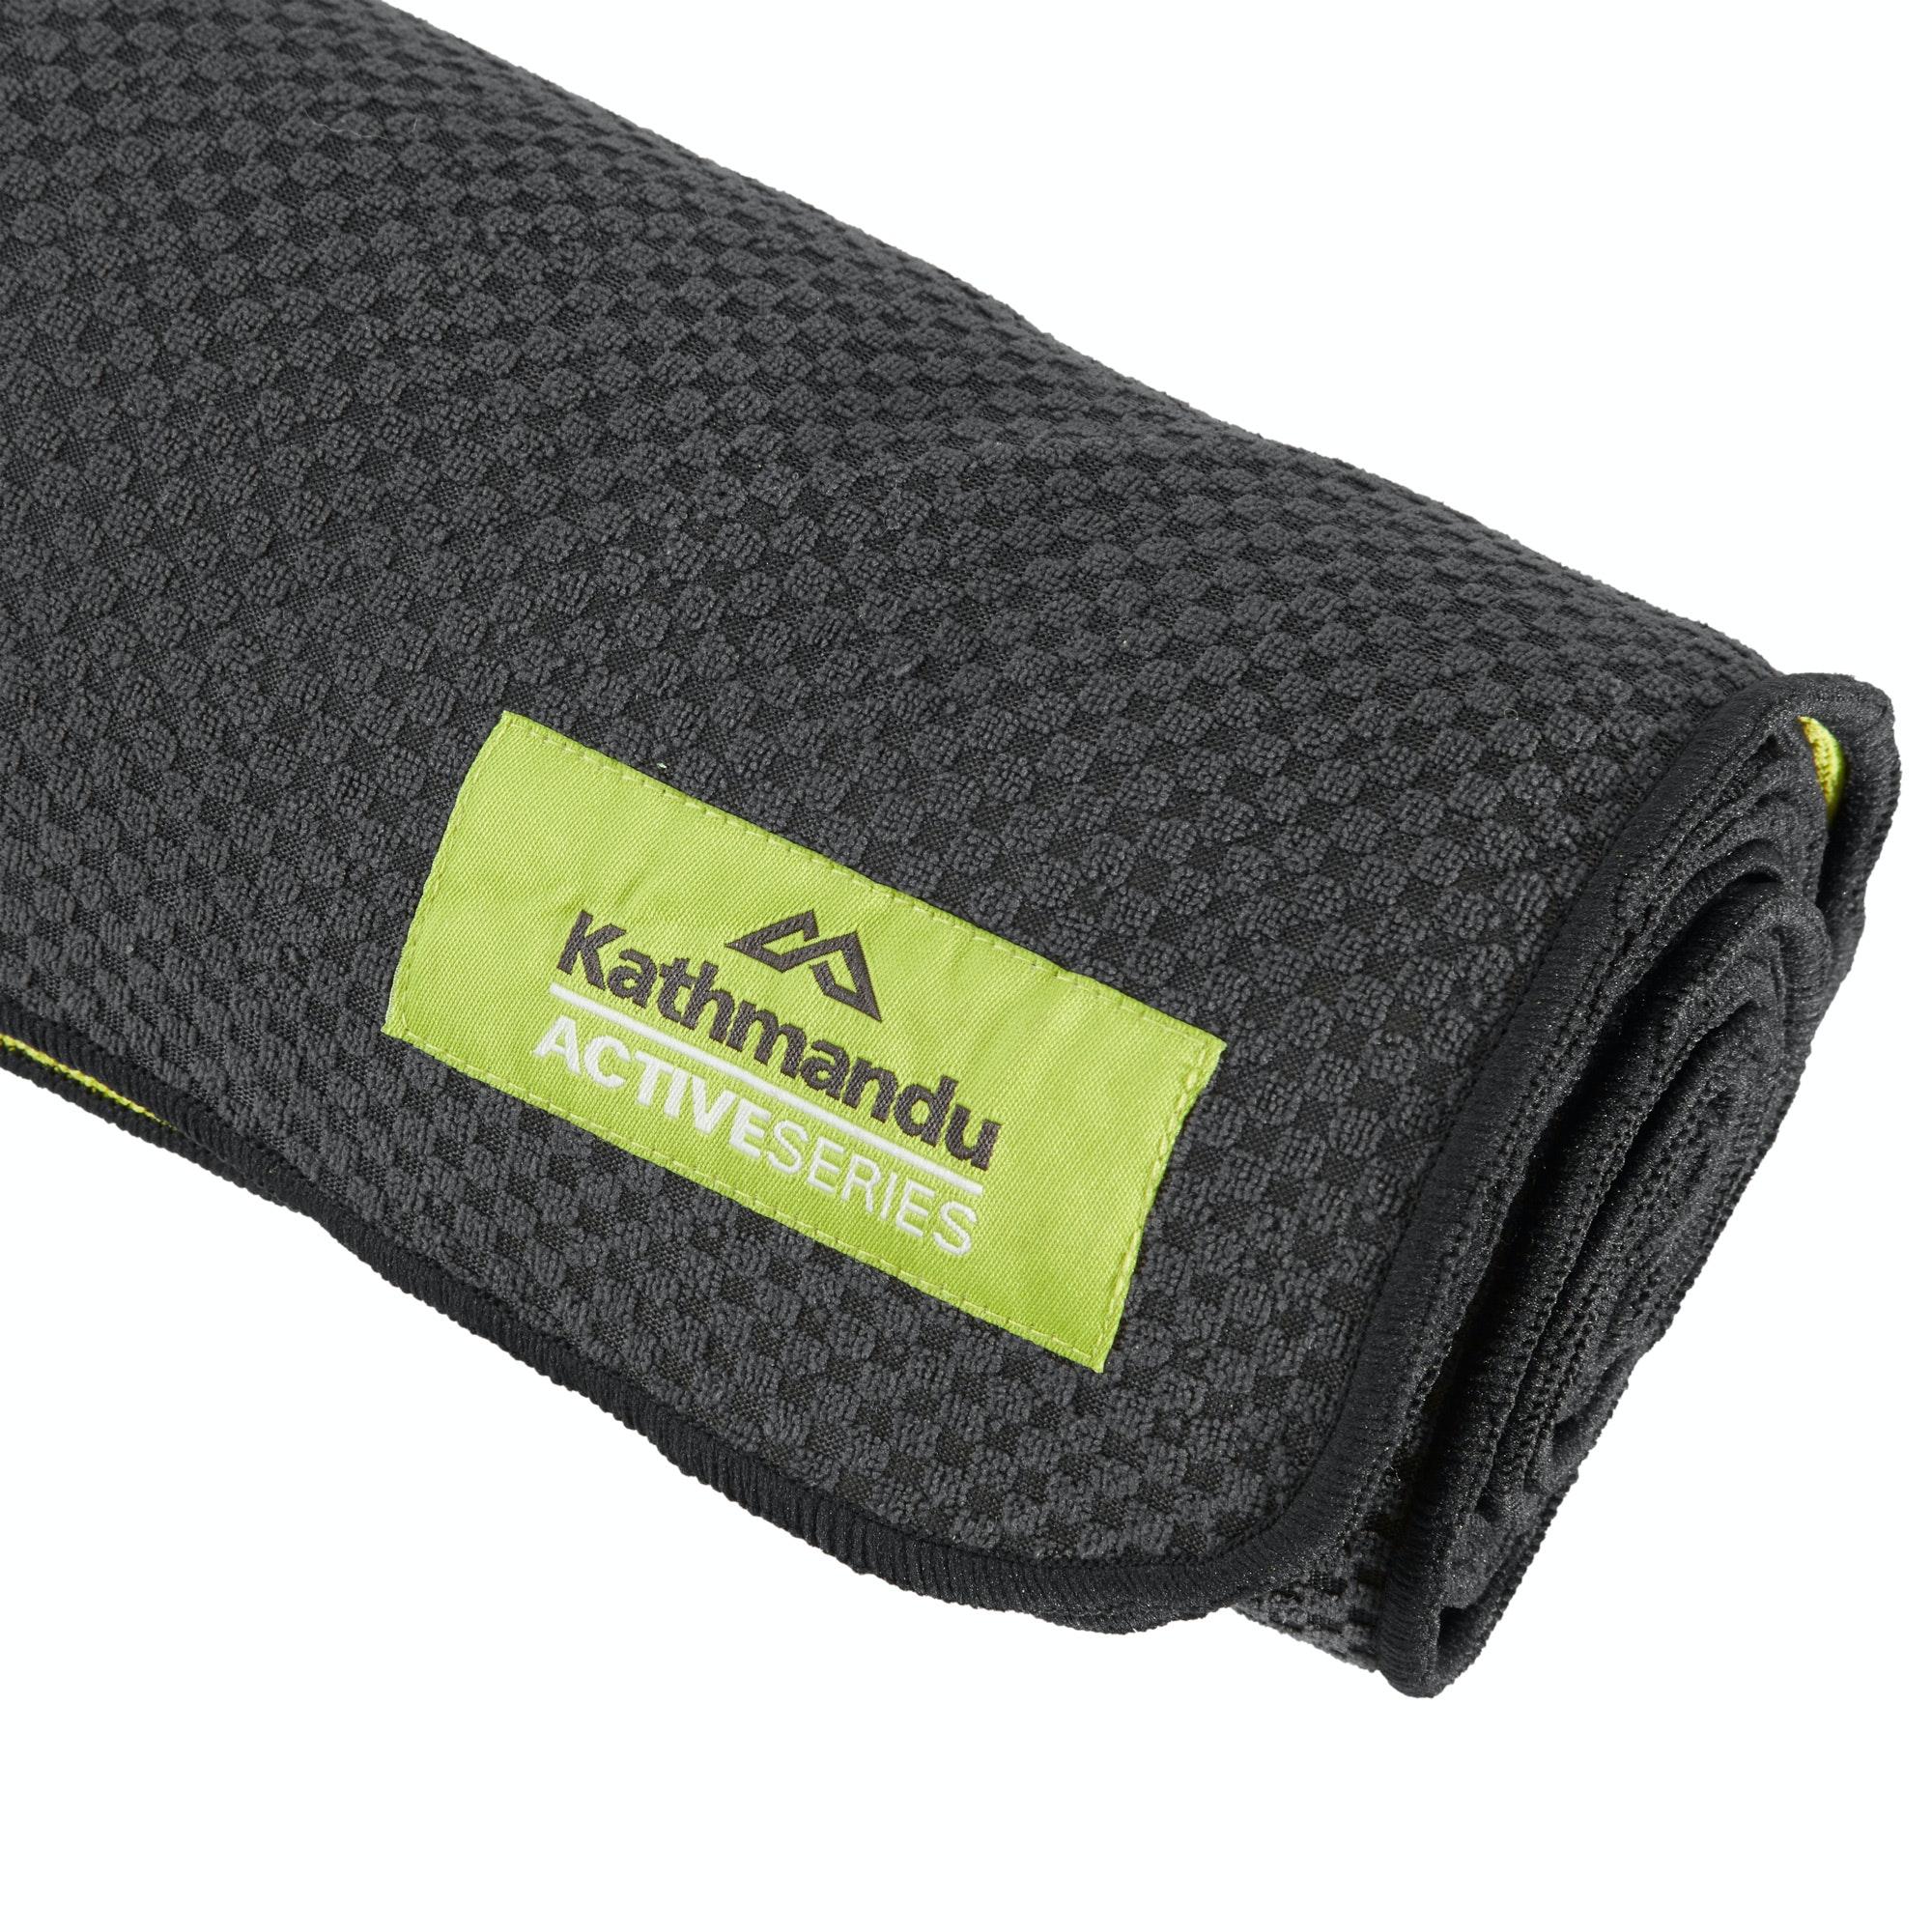 Travel Yoga Mat Or Towel